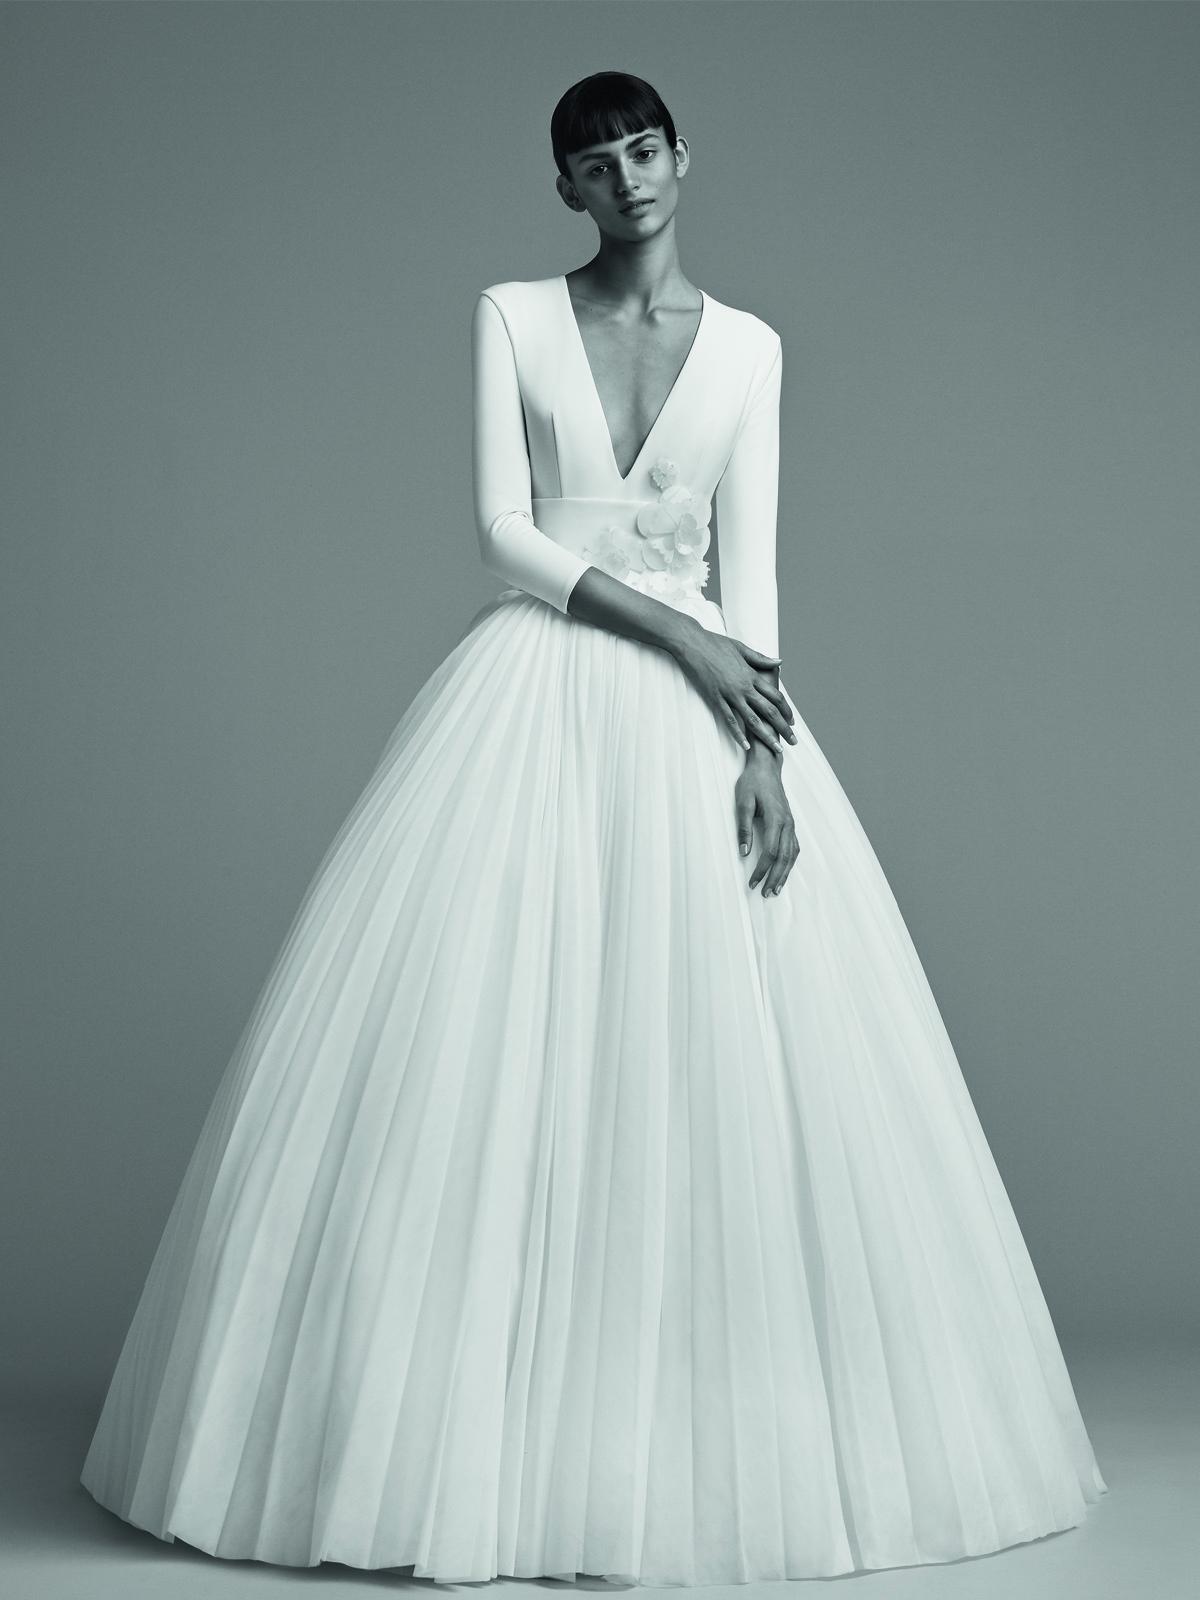 胸元がVカットでスカートには何重ものチュールが重なったプリンセルラインのヴィクター&ロルフ・マリアージュの白いウェディングドレス